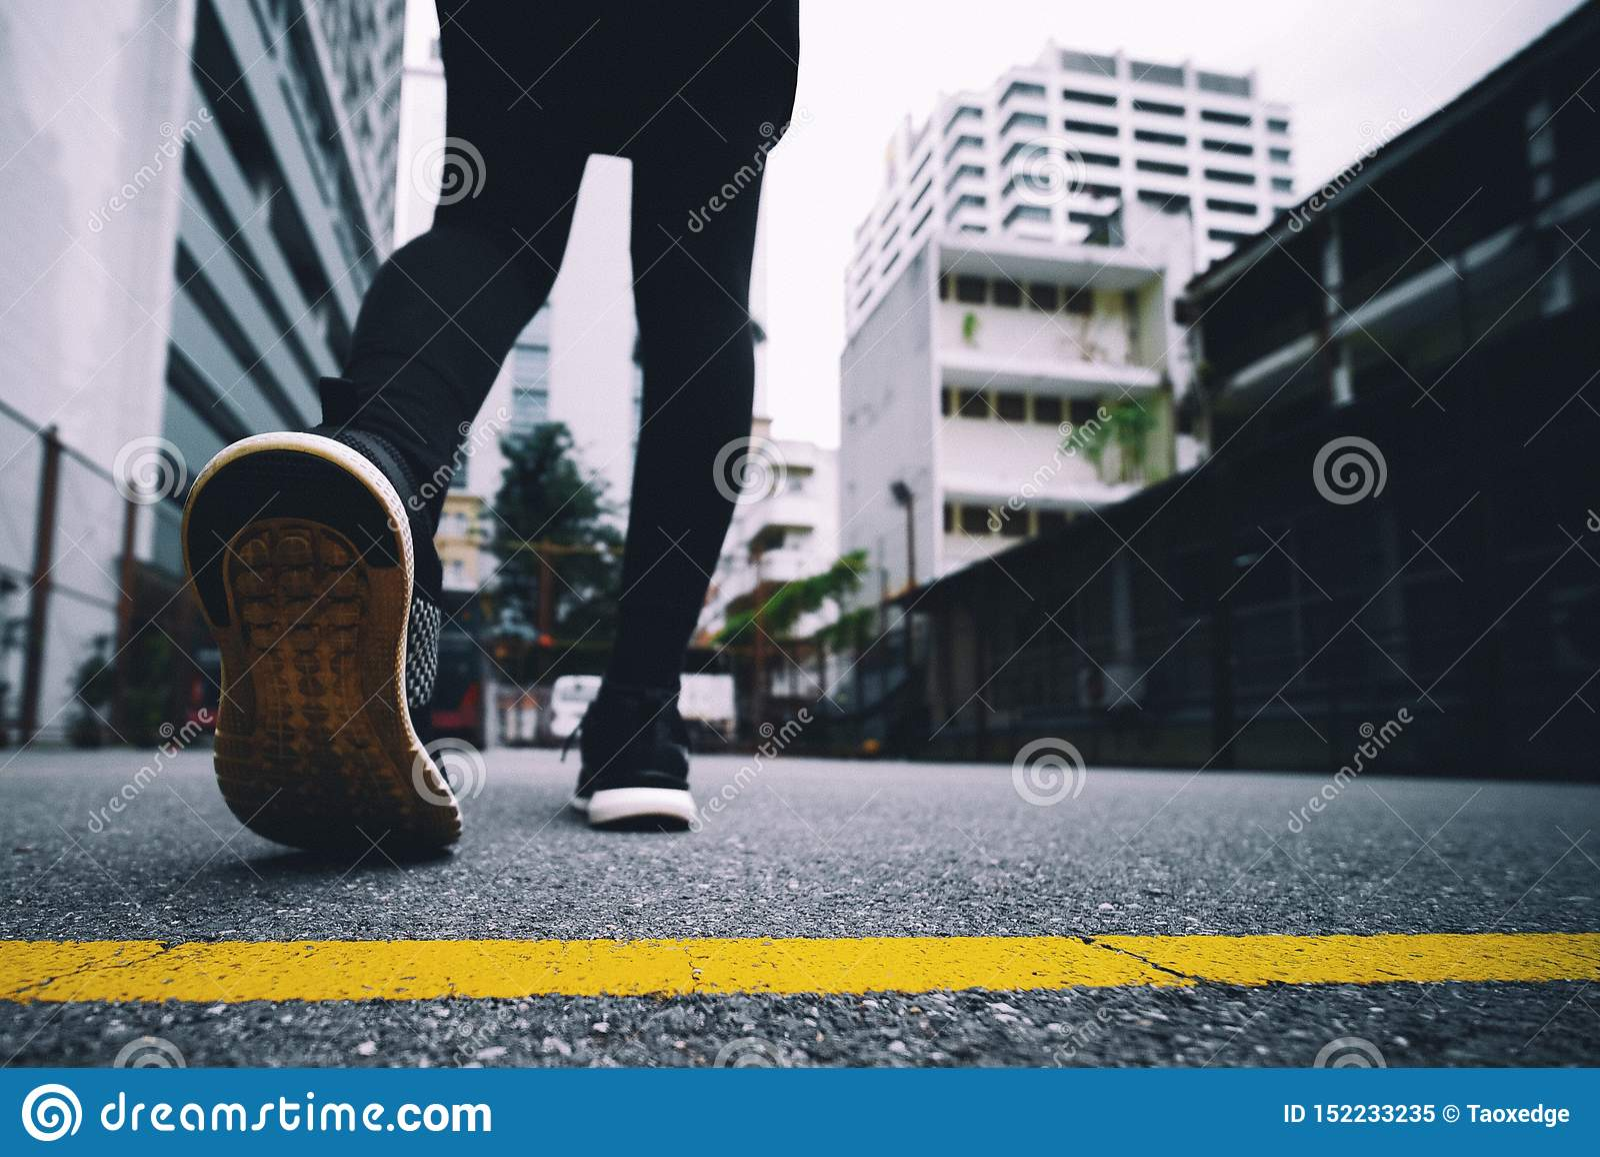 女孩穿黑跑鞋在公园跑